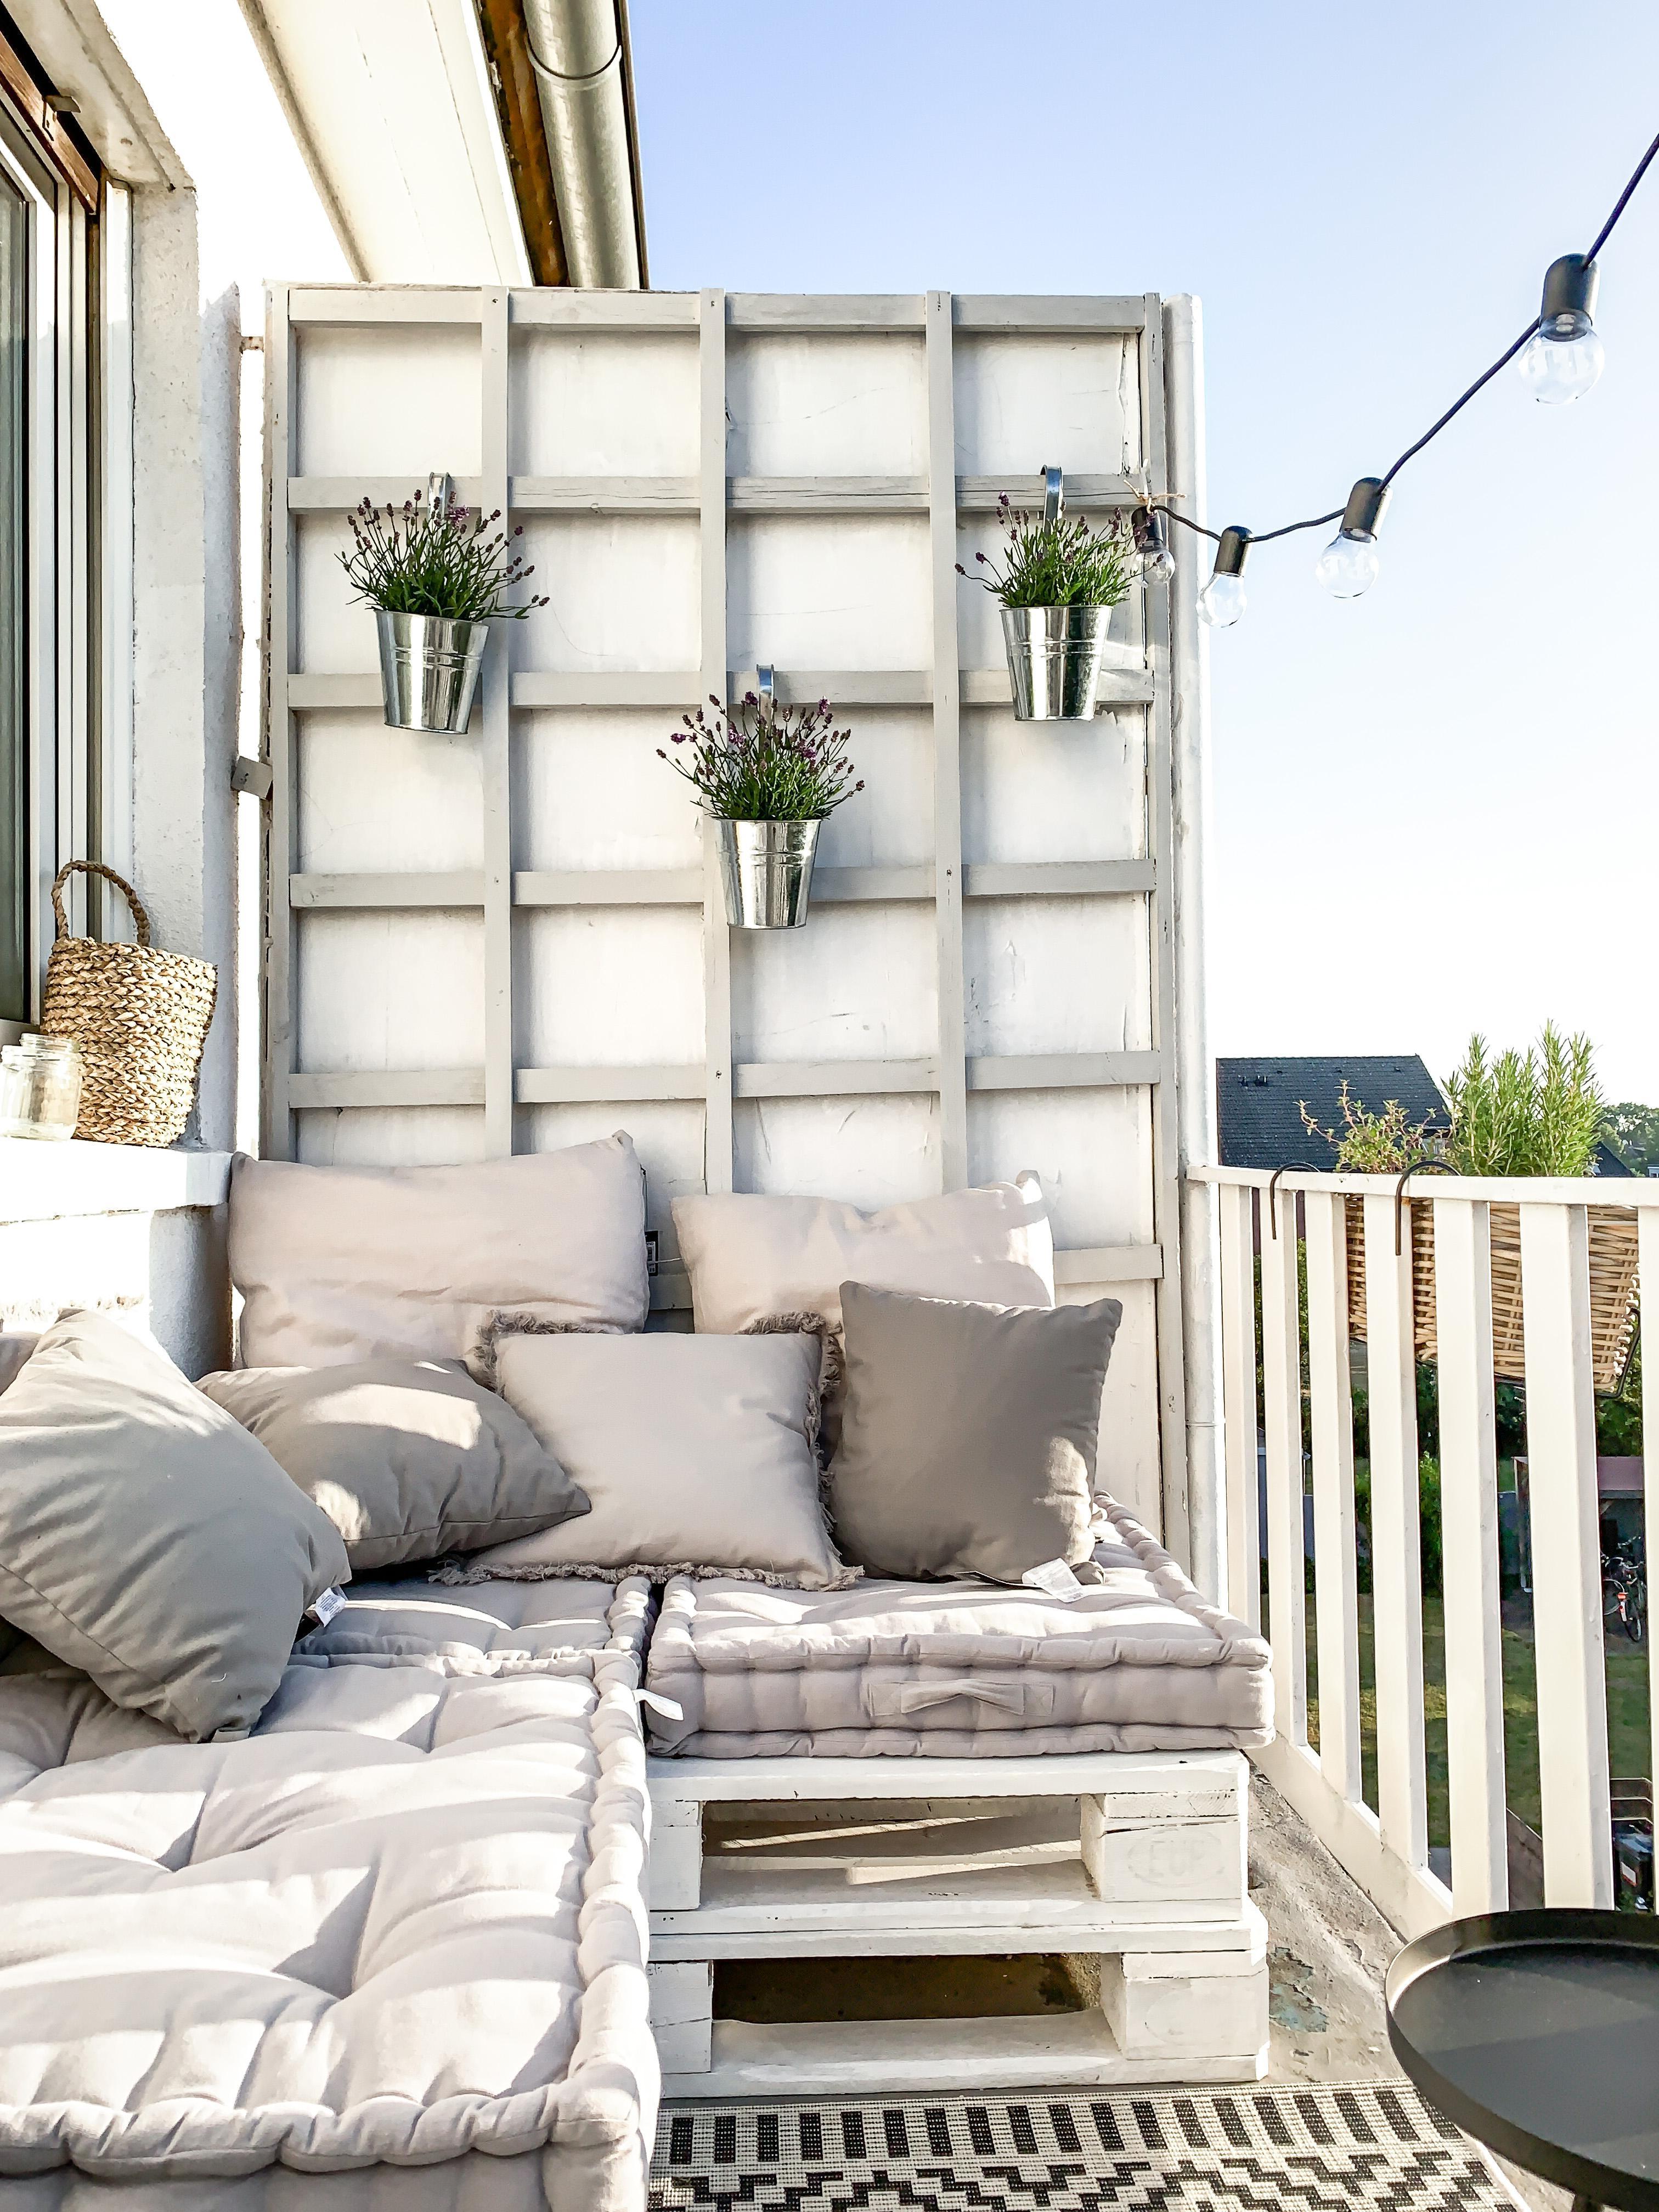 Balkon liebe 🤍🤍🤍 balkon balkonien outdoor lichte...